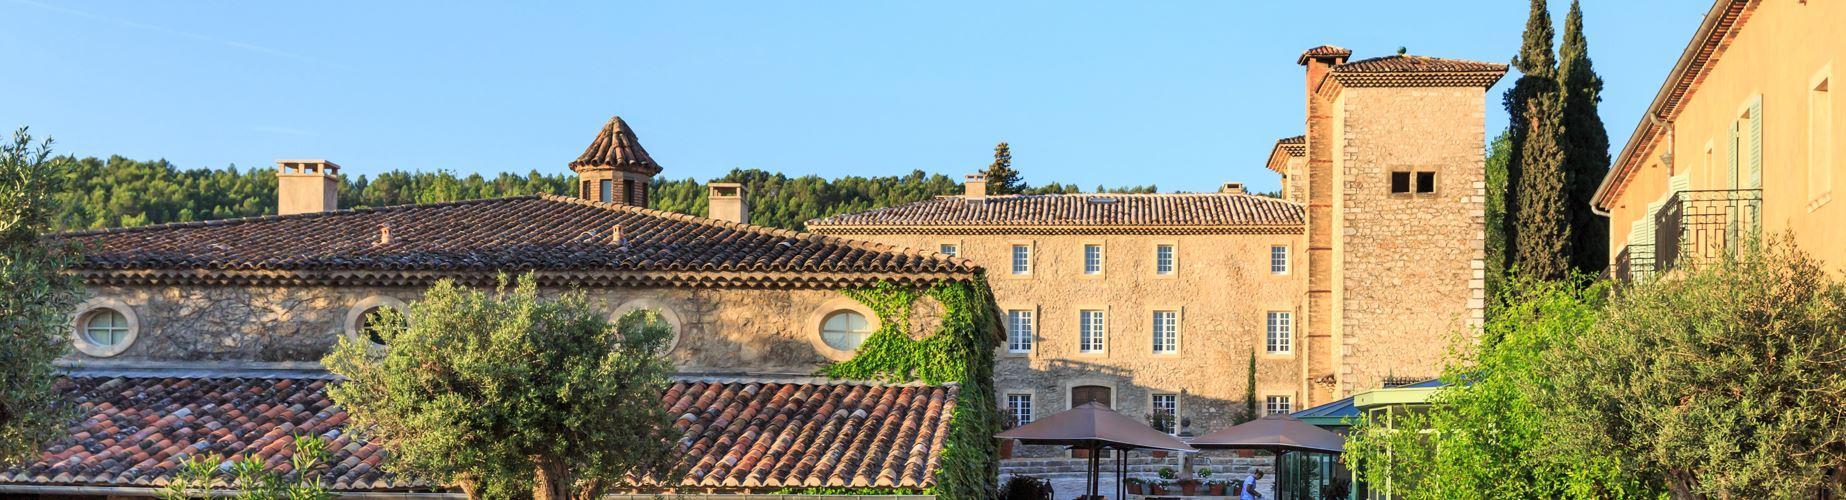 Chateau-de-berne-provence-vignoble-seminaires-de-caractere.JPG (3)